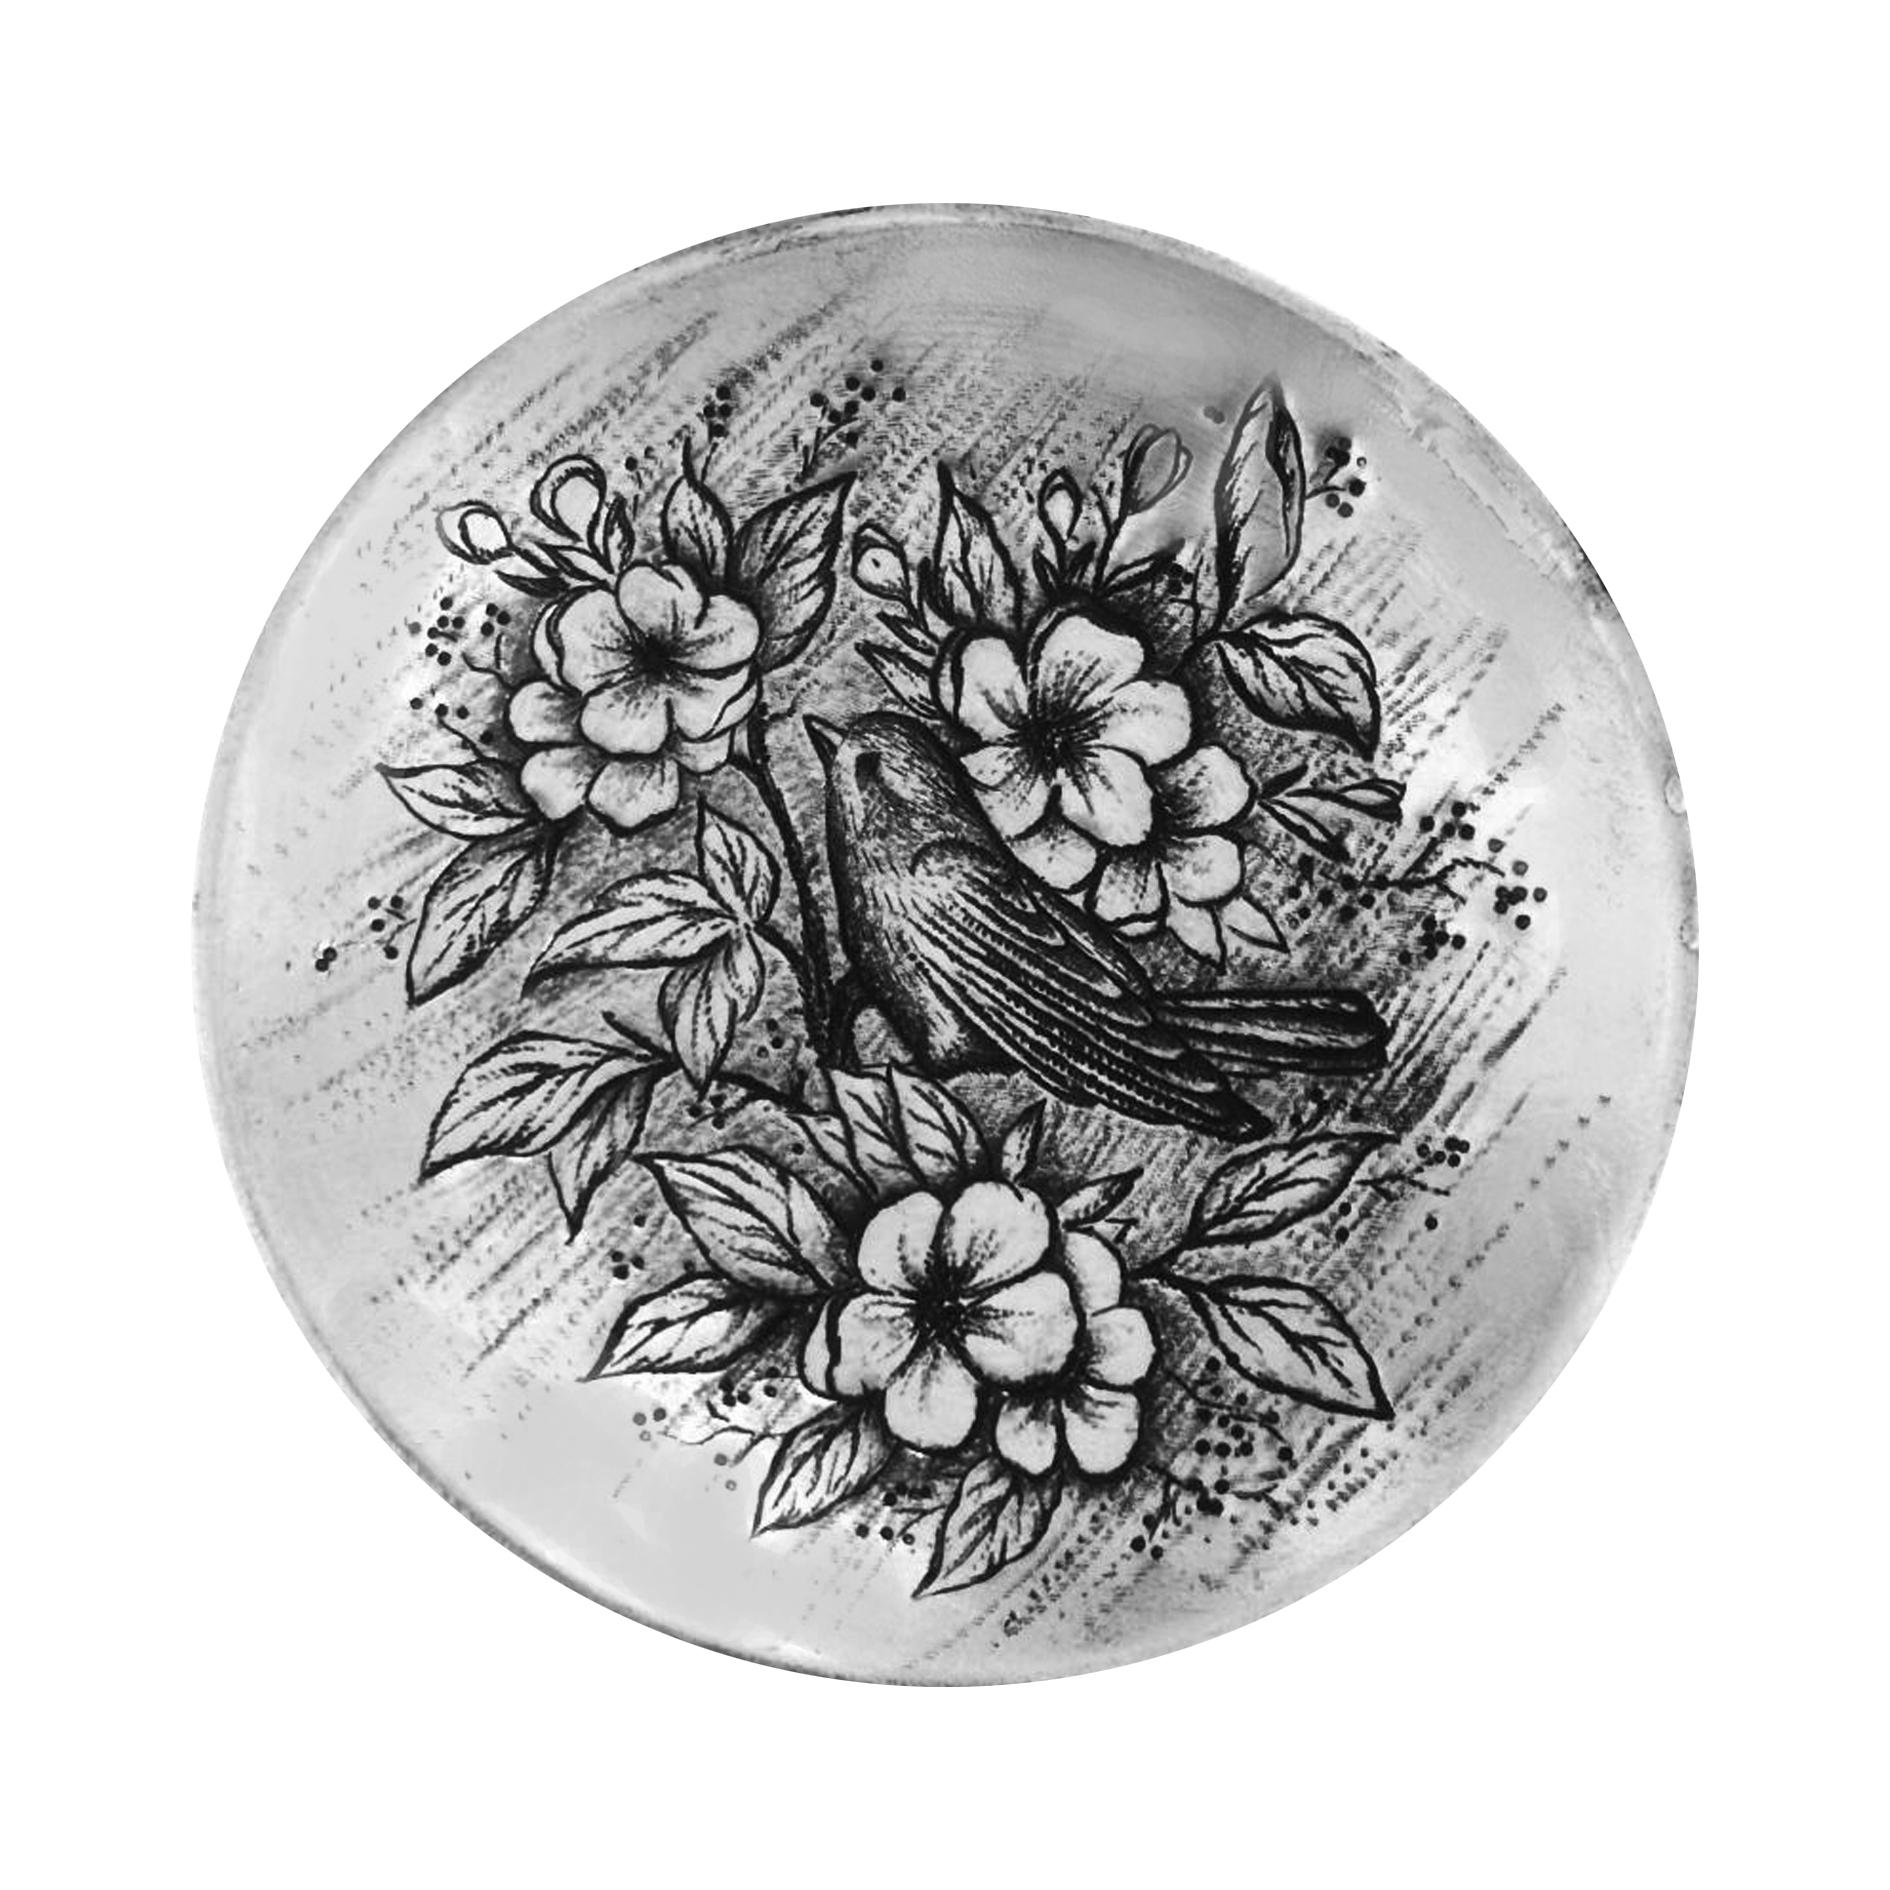 بشقاب دیوارکوب قلمزنی طرح گل و مرغ کد 3